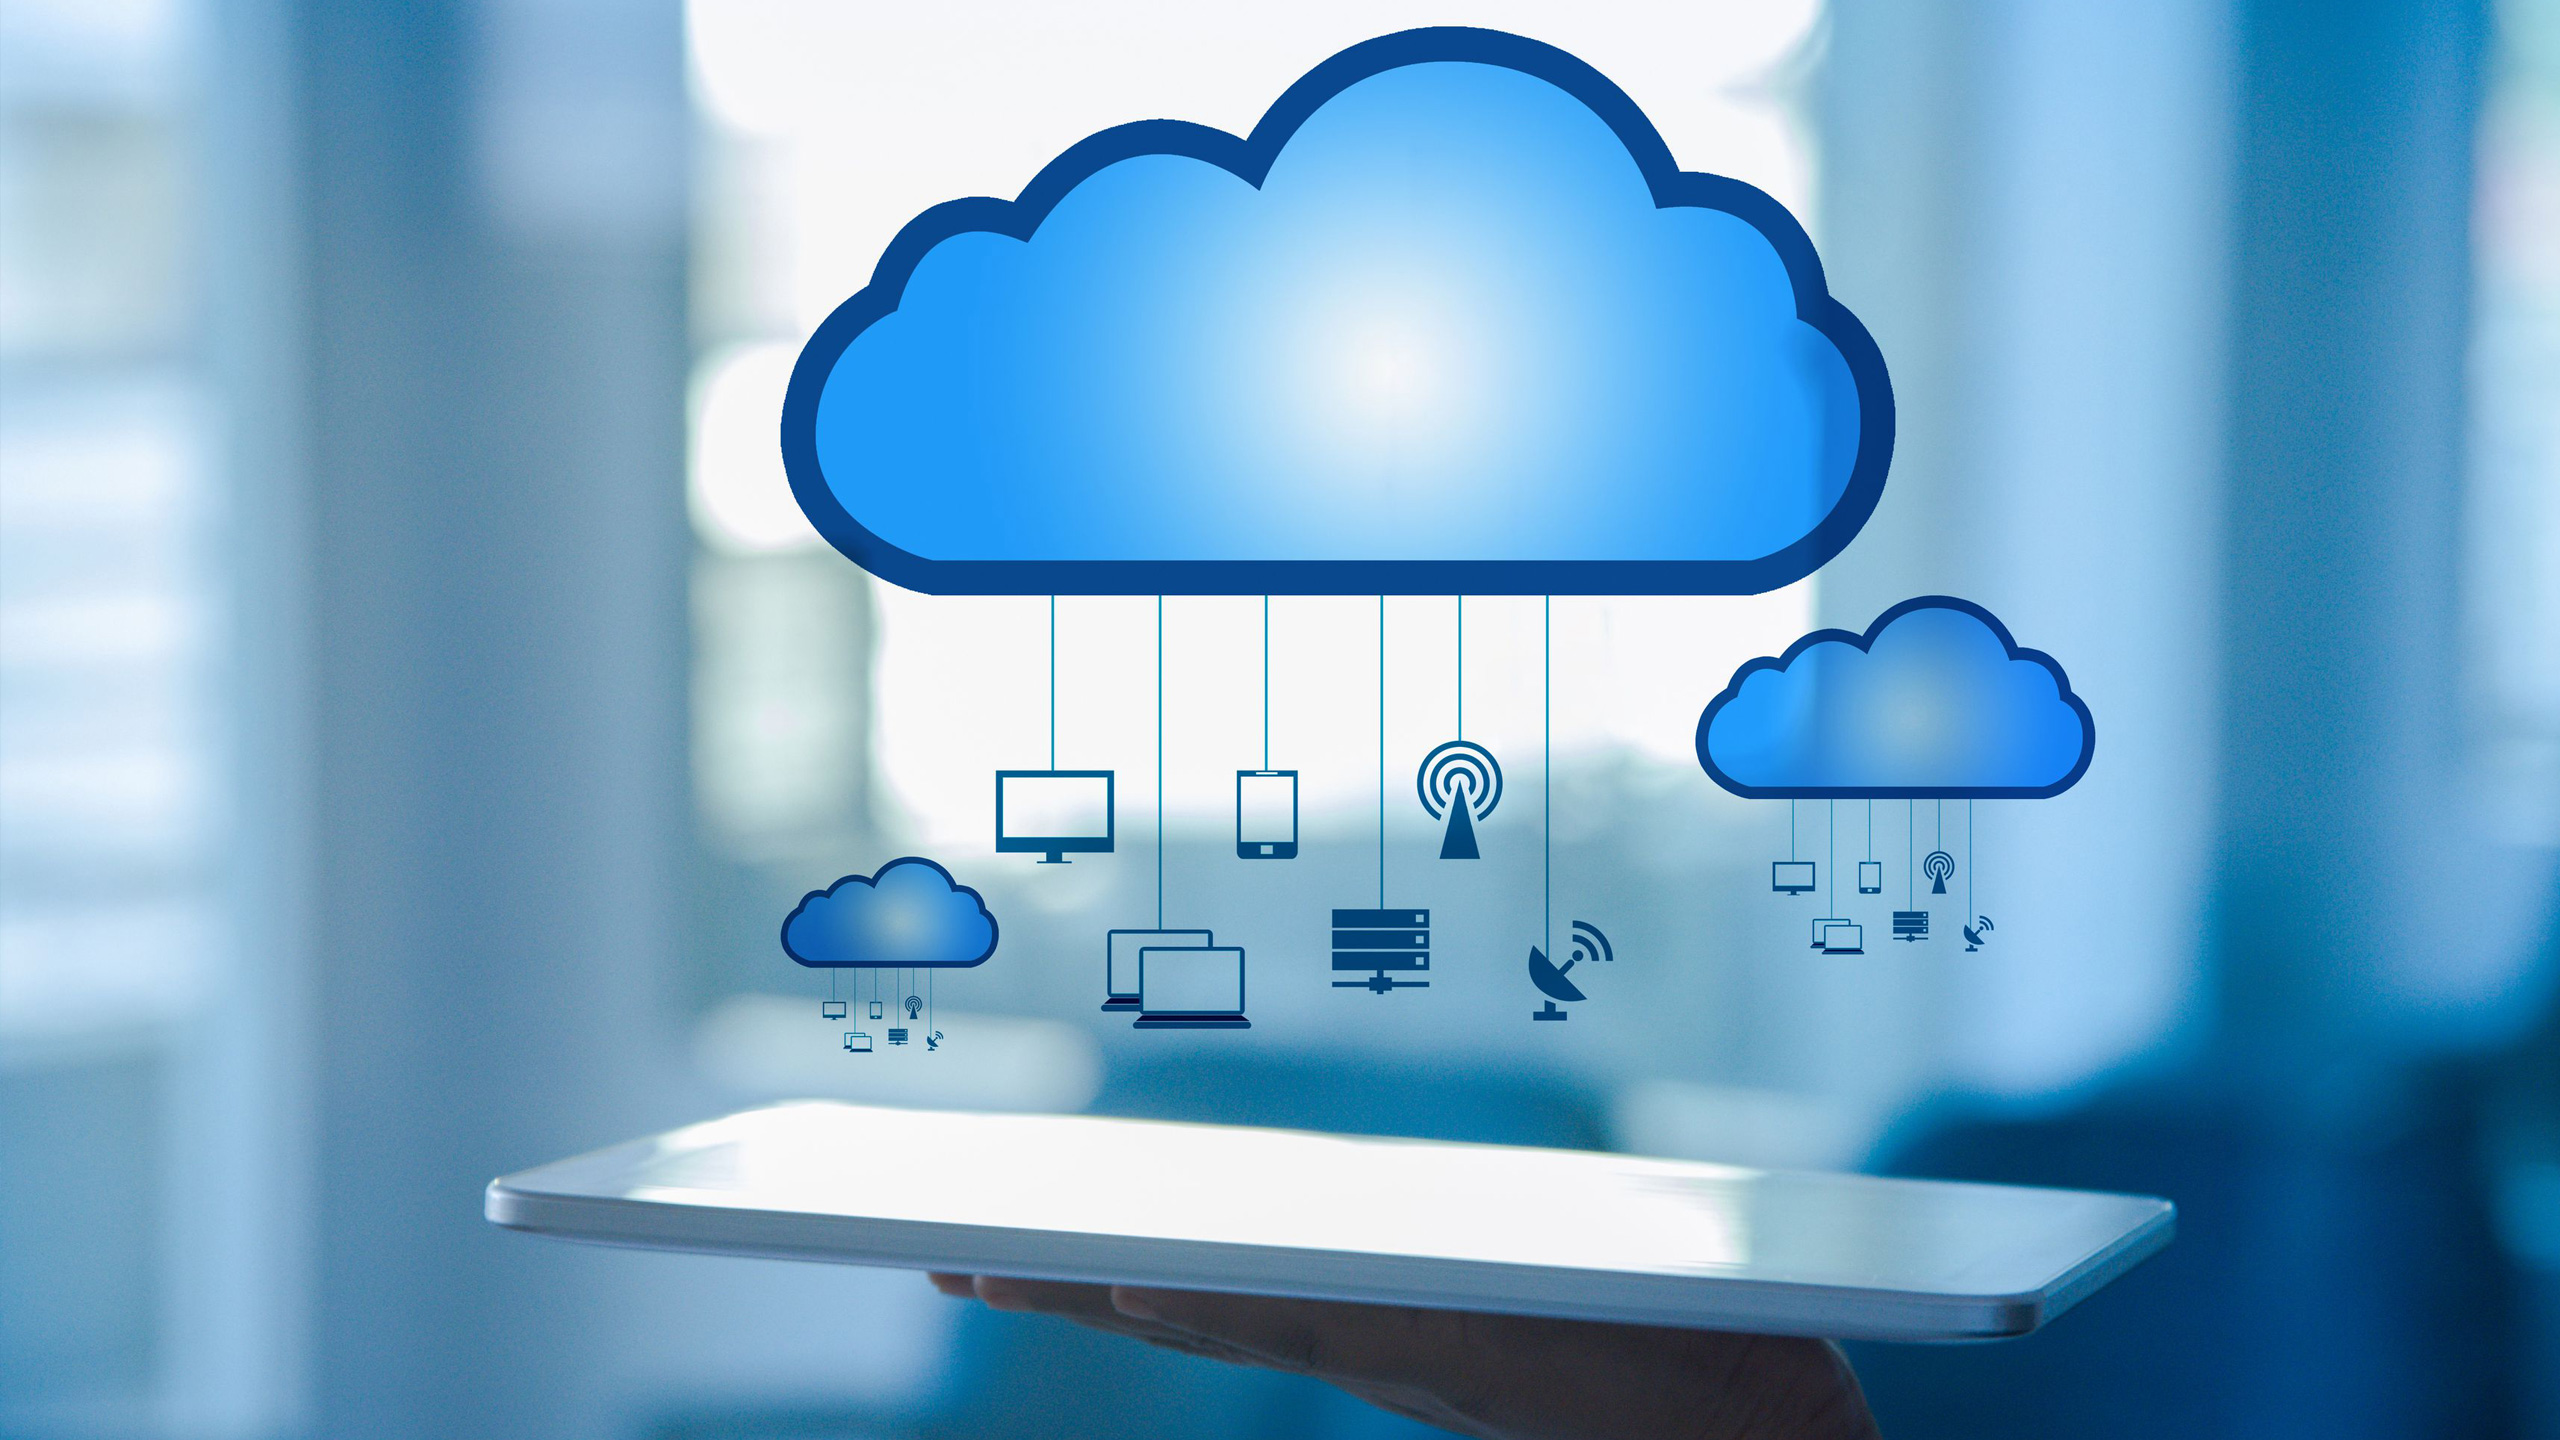 cloud computing benefits diasadvantages